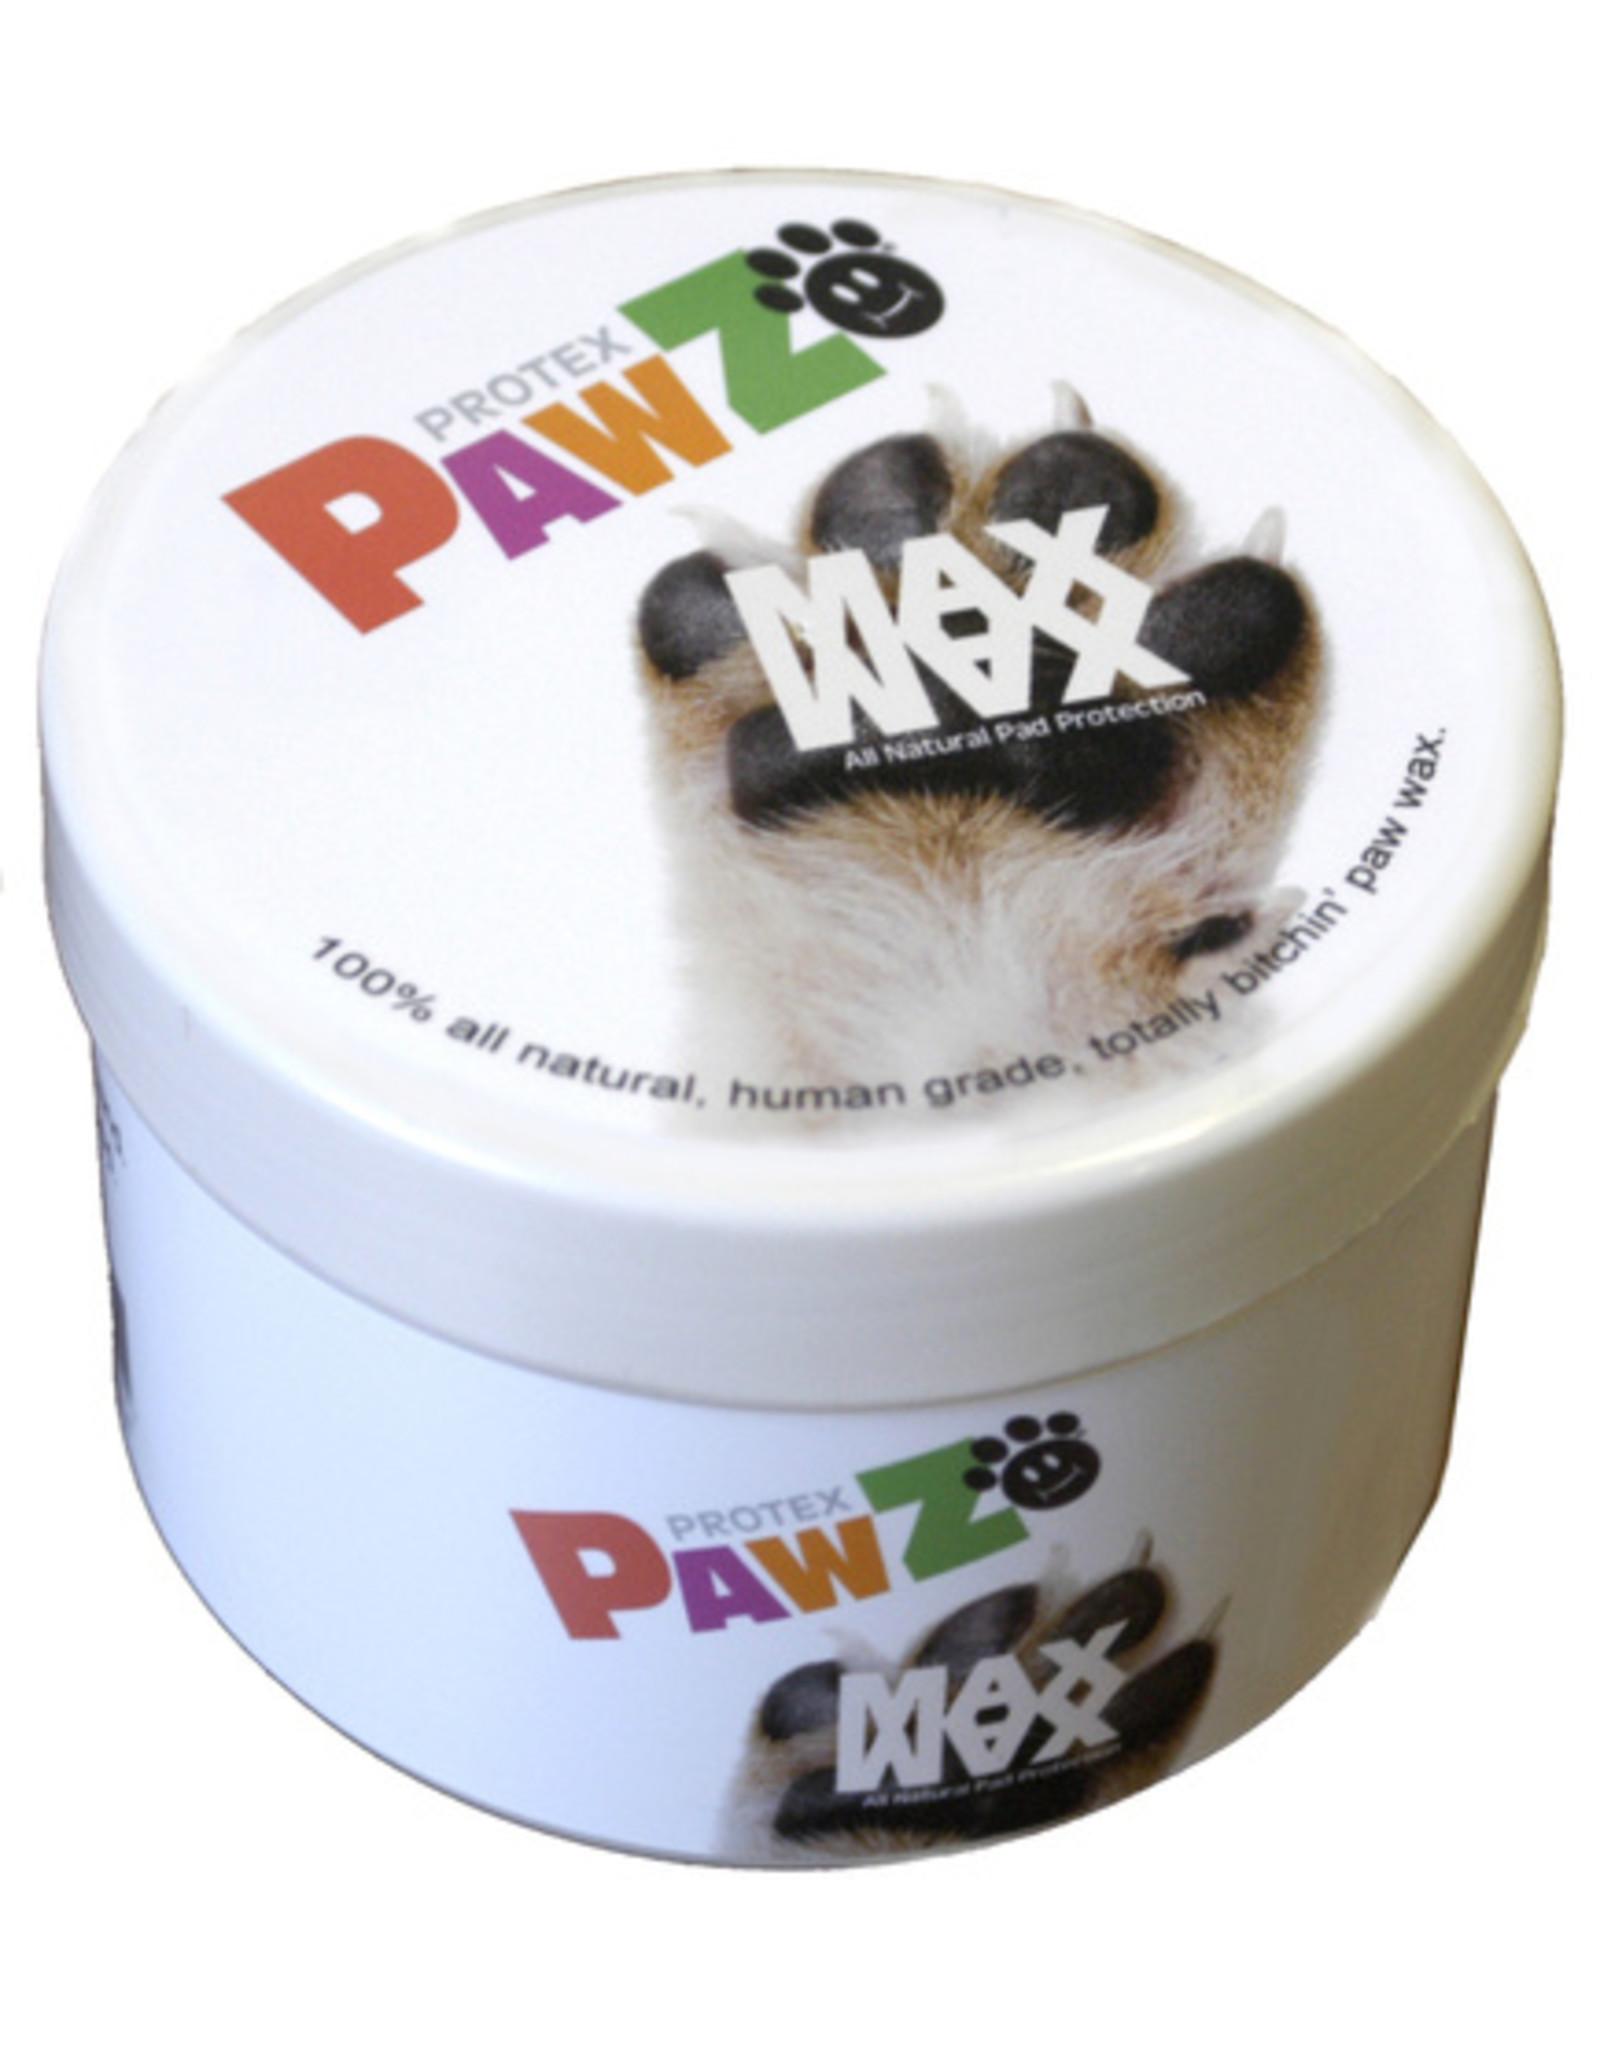 Pawz PAWZ MaxWax paw wax 200 g